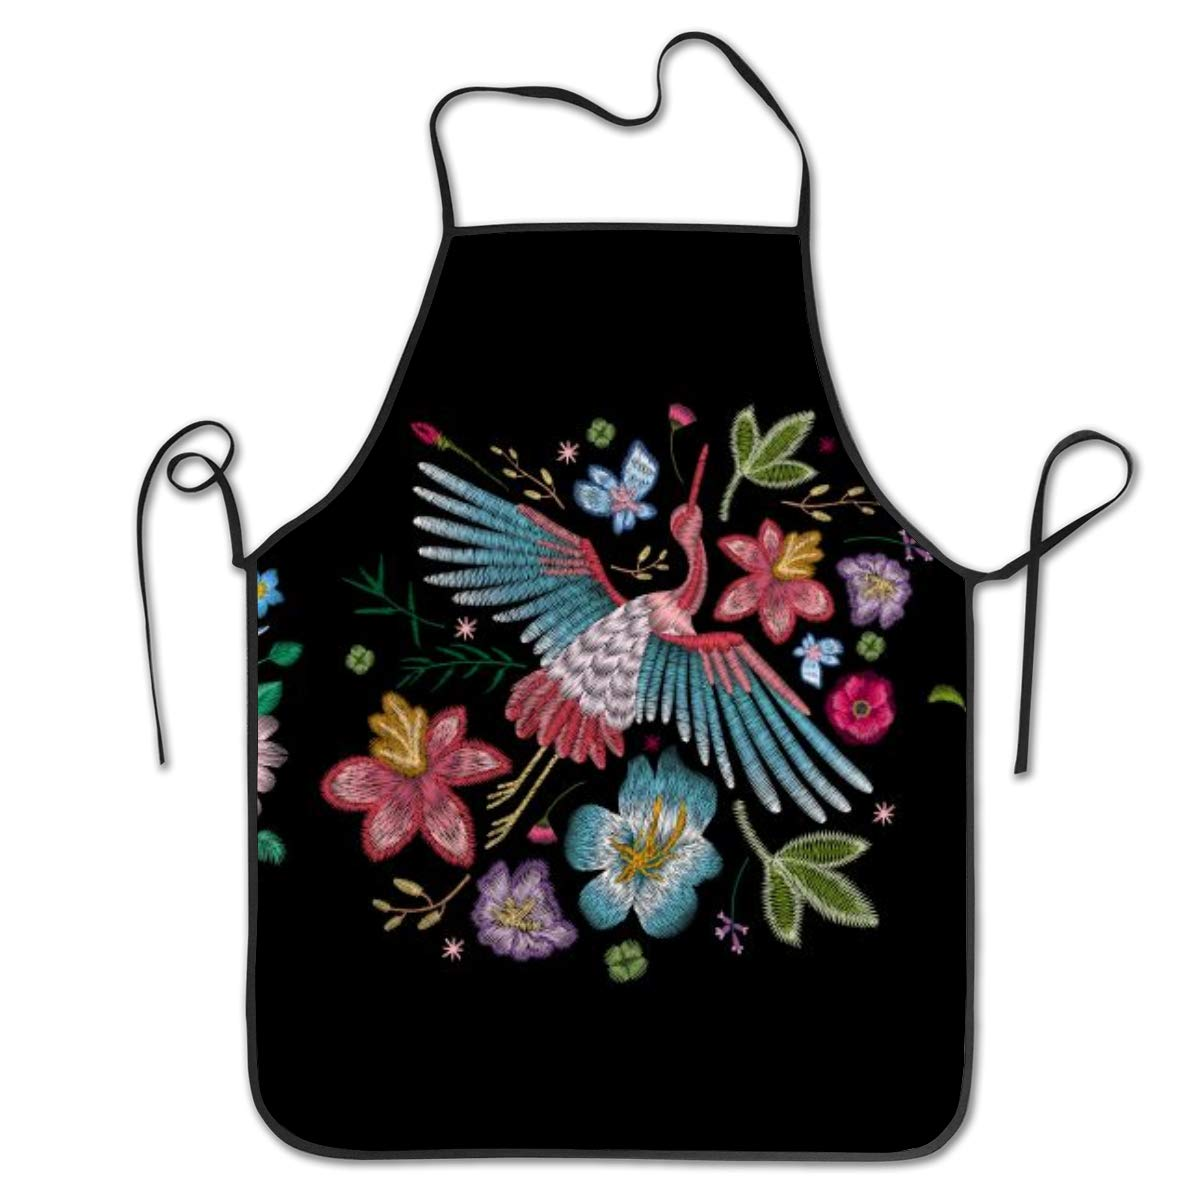 Кран Птица, цветы вышивка готовка кухня Выпечка Садоводство стрижка красивый фартук смешной нагрудник фартуки для женщин мужчин шеф-повара